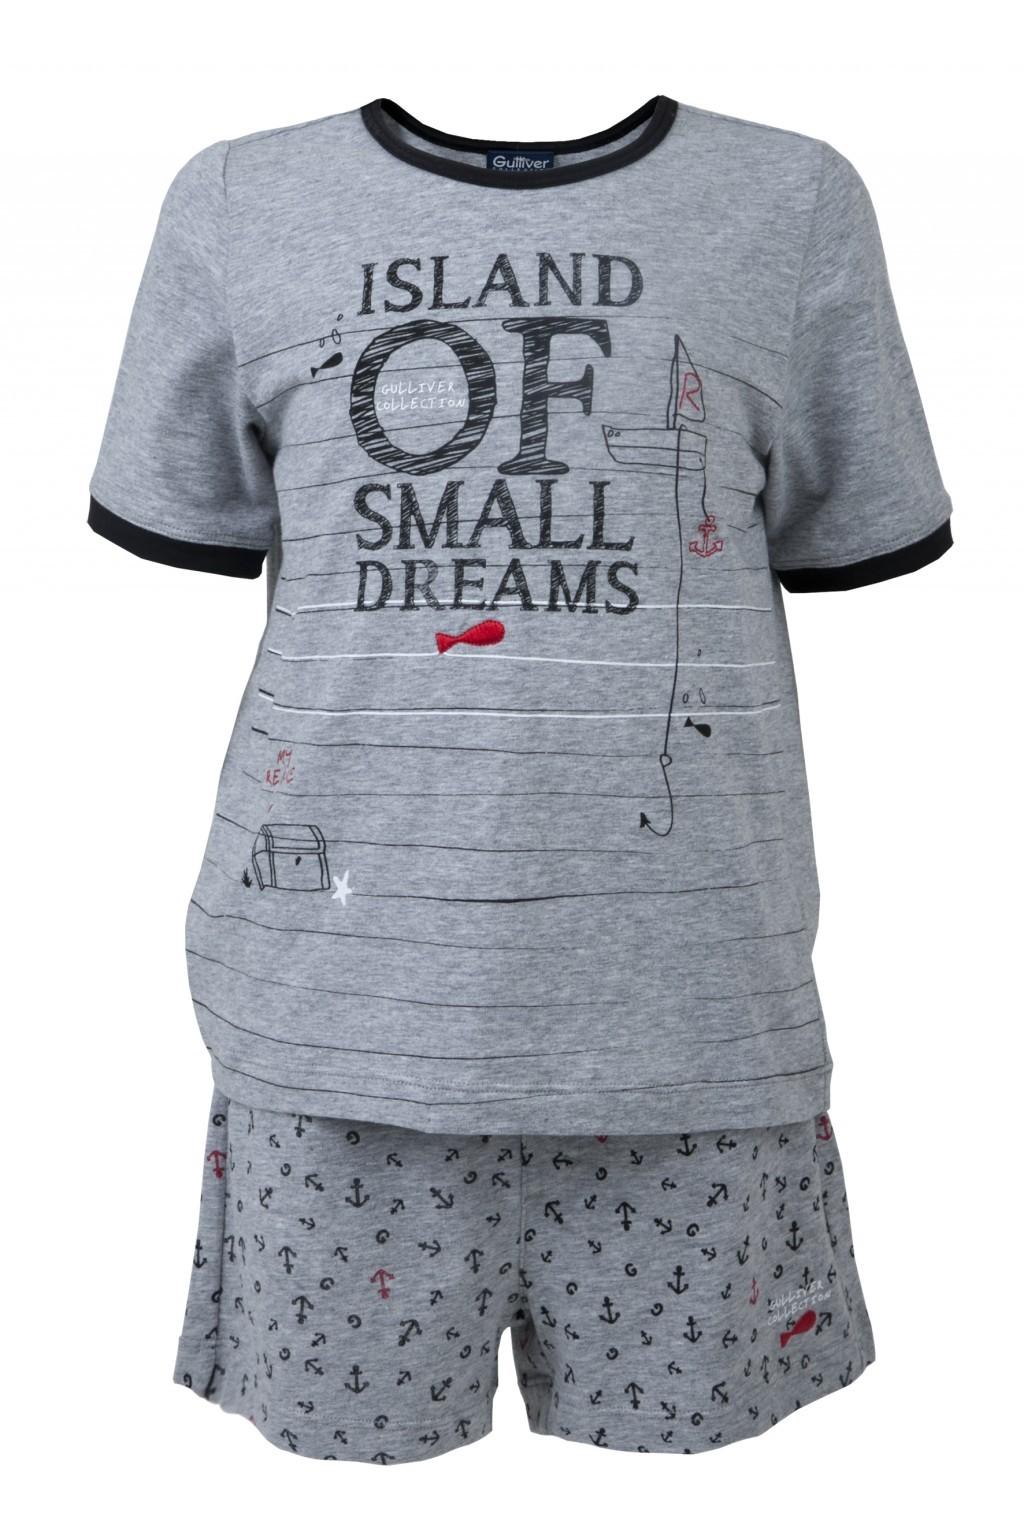 Сбор заказов. Детское нижнее белье (есть хлопковые бюстье) и клевые пижамы. Премиум качество по оочень привлекательным ценам. Не пропустите.